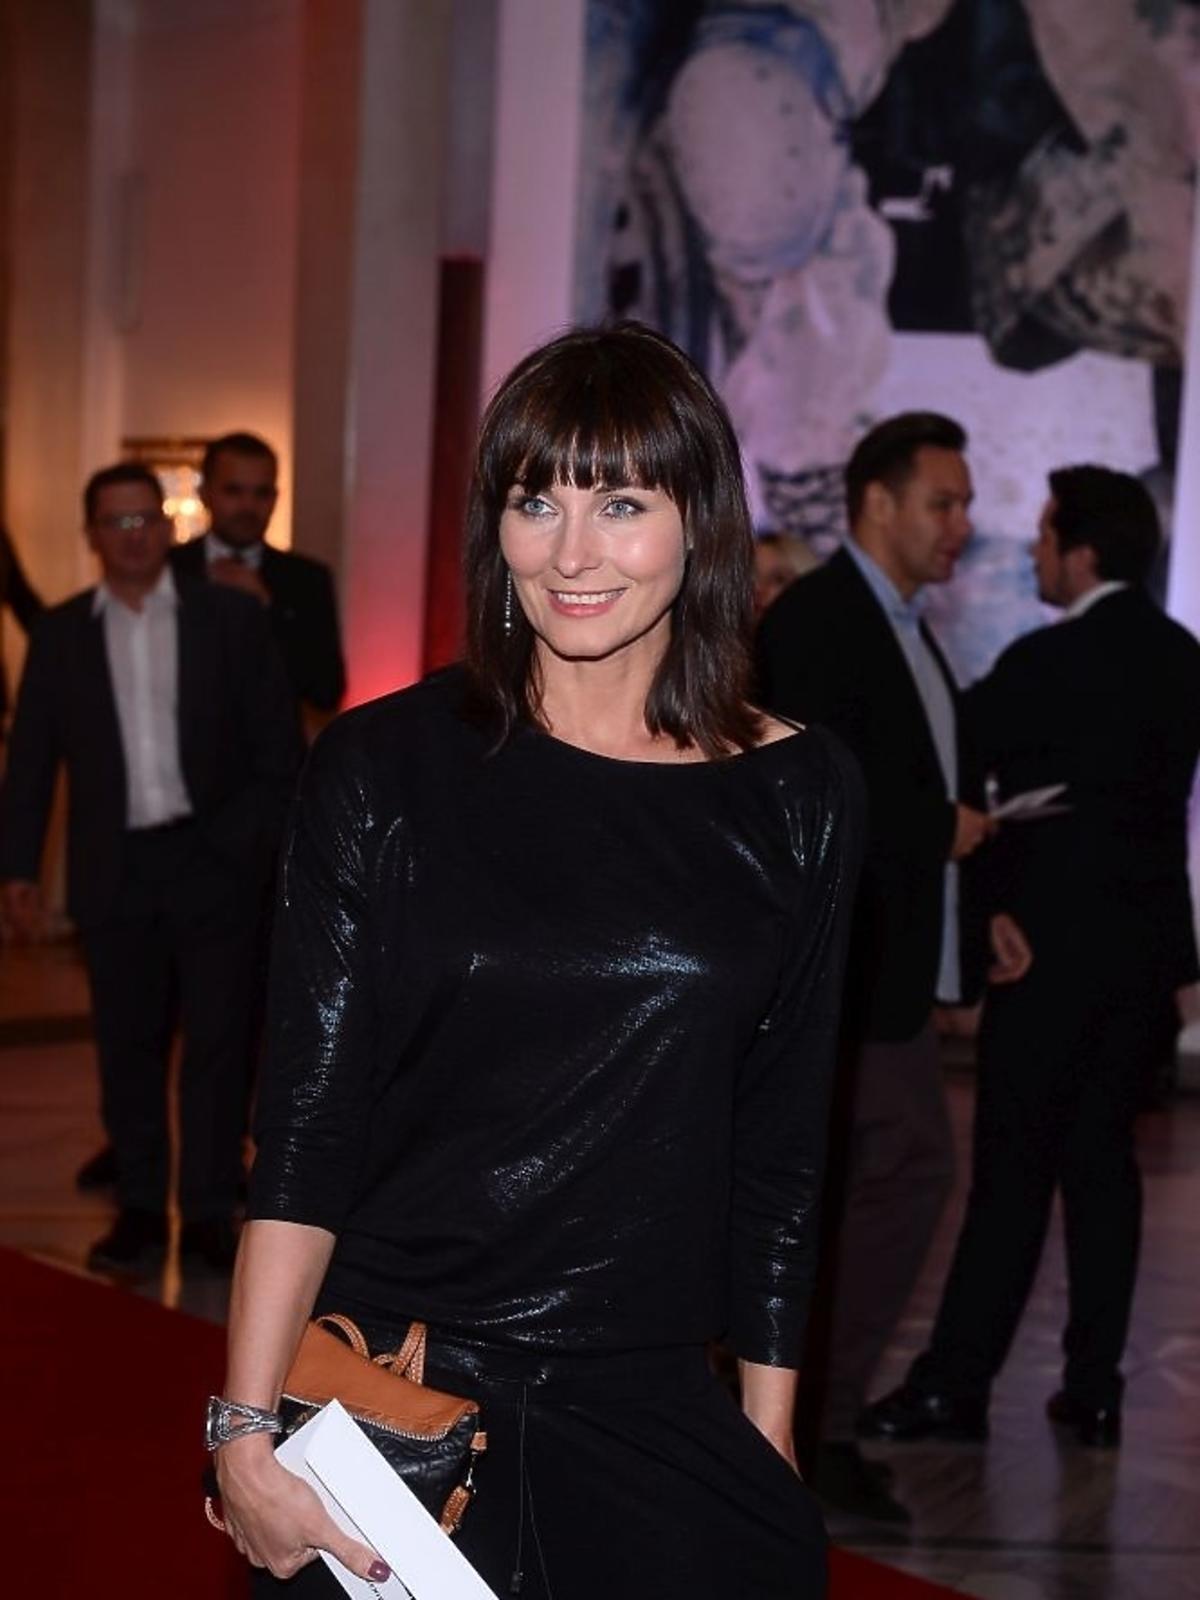 Ilona Wrońska w połyskującym czarnym kombinezonie na czerownym dywanie